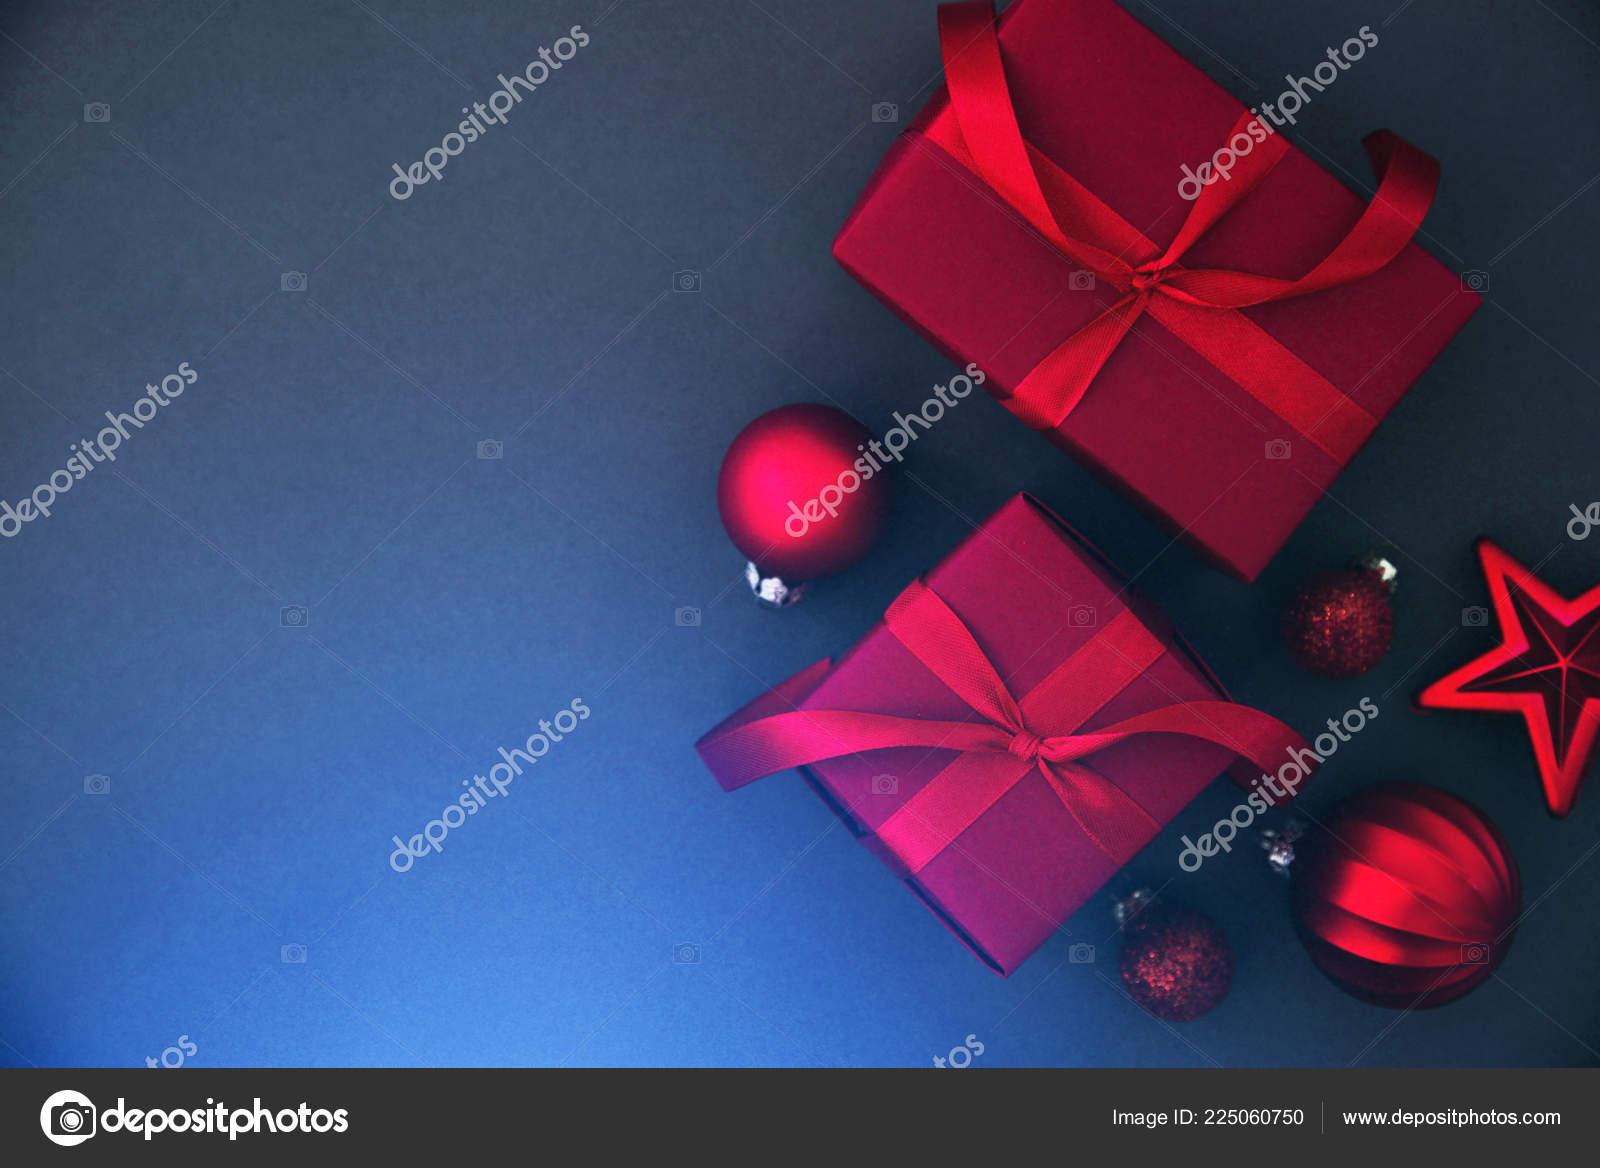 Frohe Weihnachten Besinnliche Feiertage.Frohe Weihnachten Und Besinnliche Feiertage Grusskarte Rahmen Banner